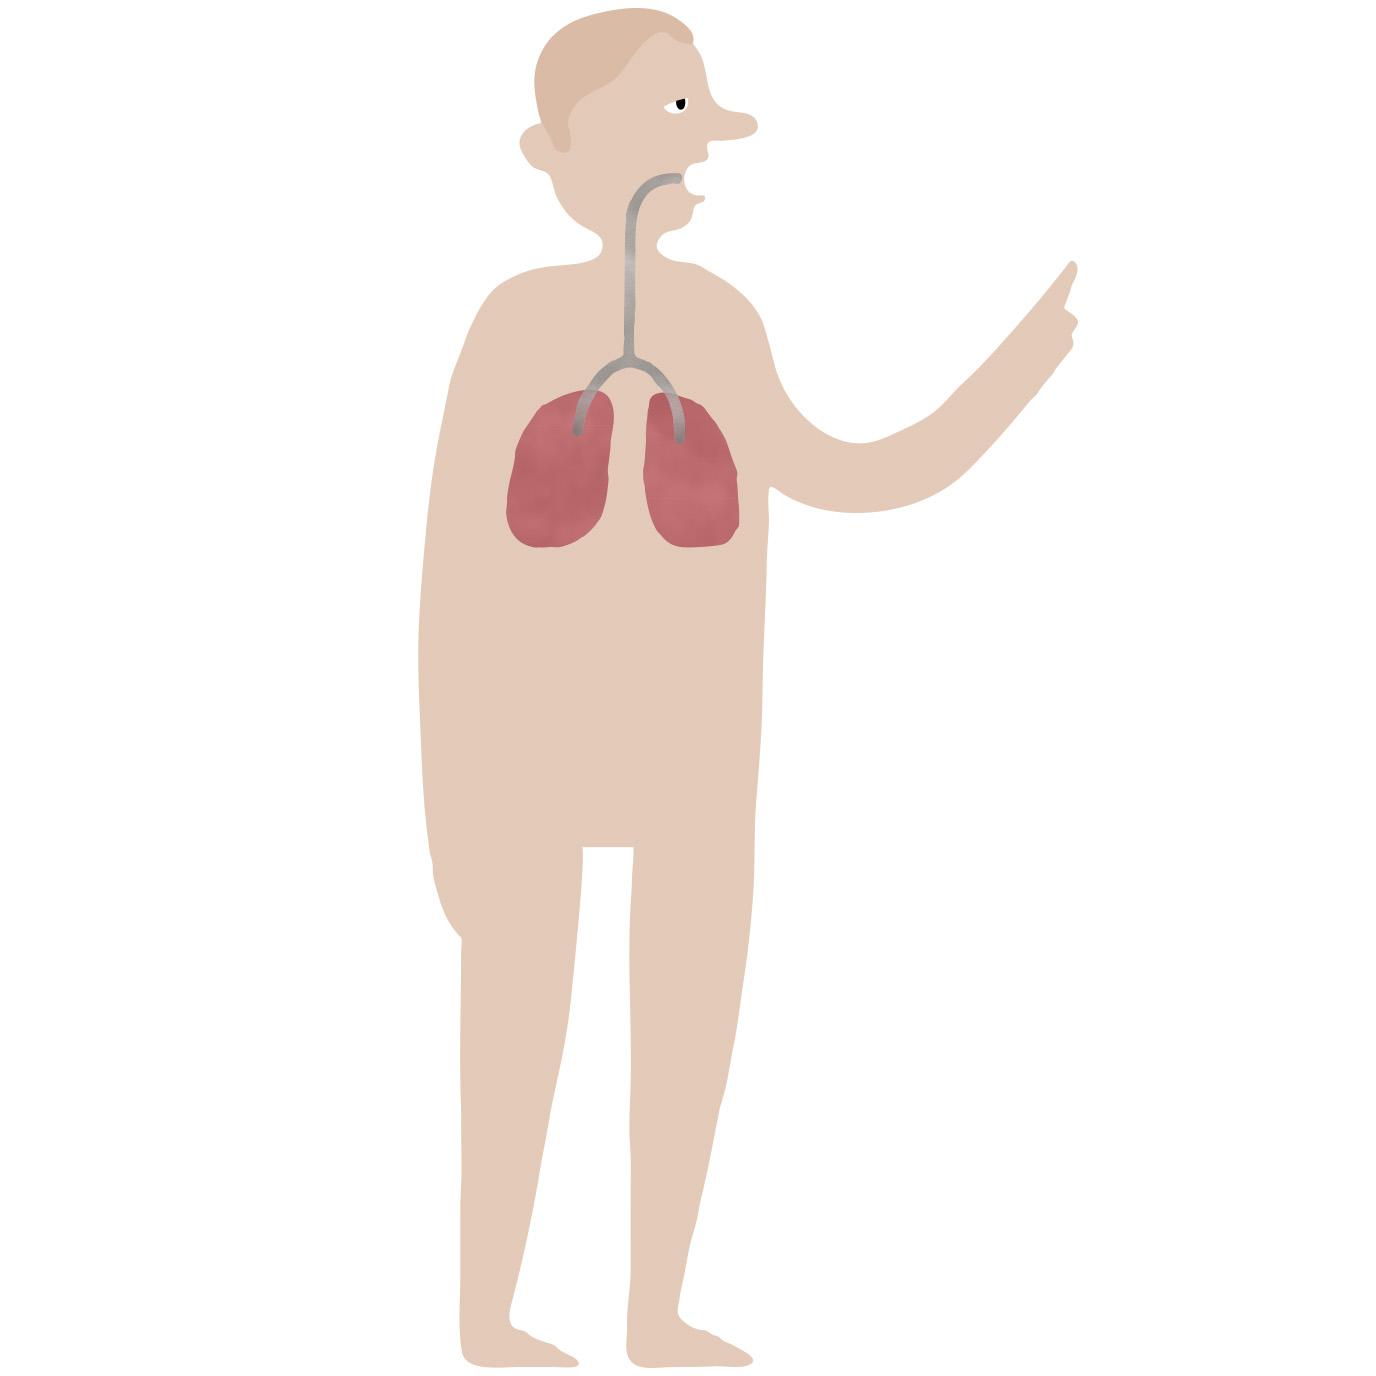 Klik på de røde prikker på figuren og se, hvad rygning gør ved kroppen